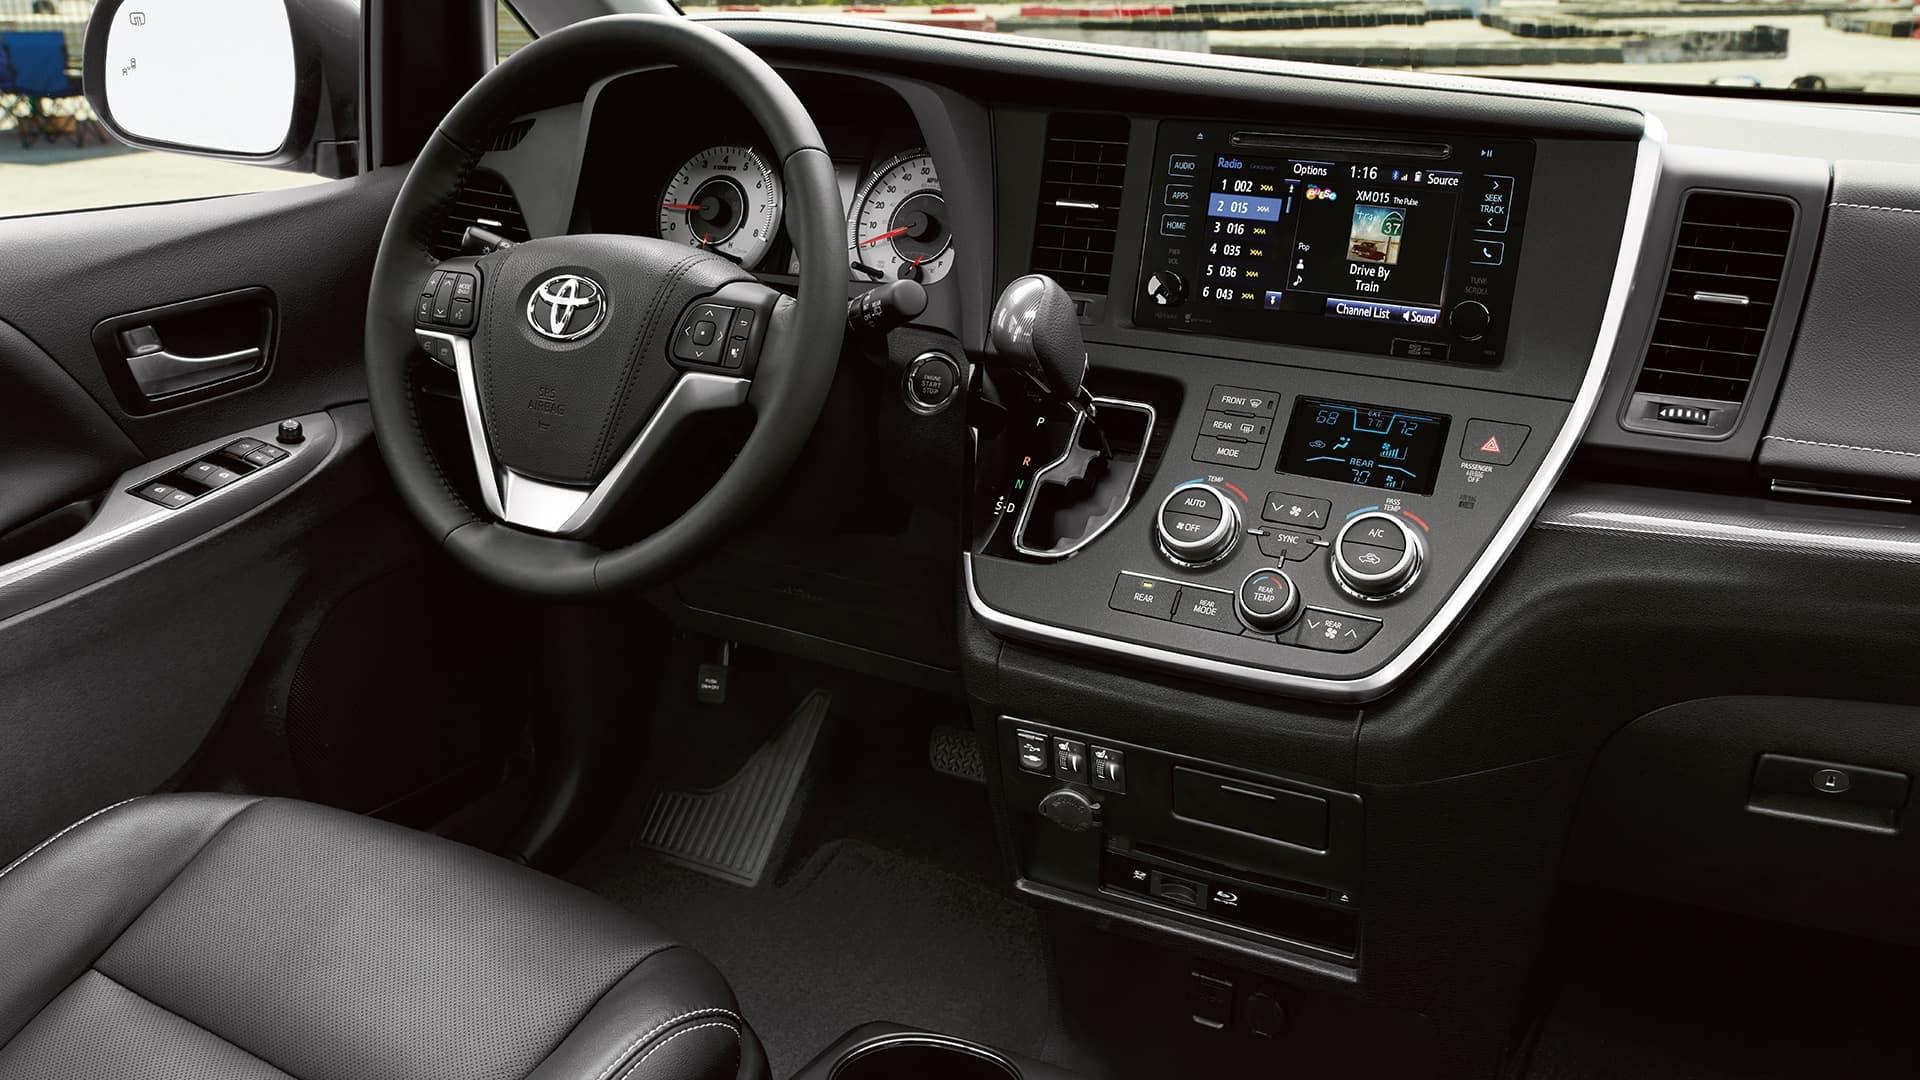 2017 Toyota Sienna SE Premium Interior Black with White Accent Stitching Dashboard